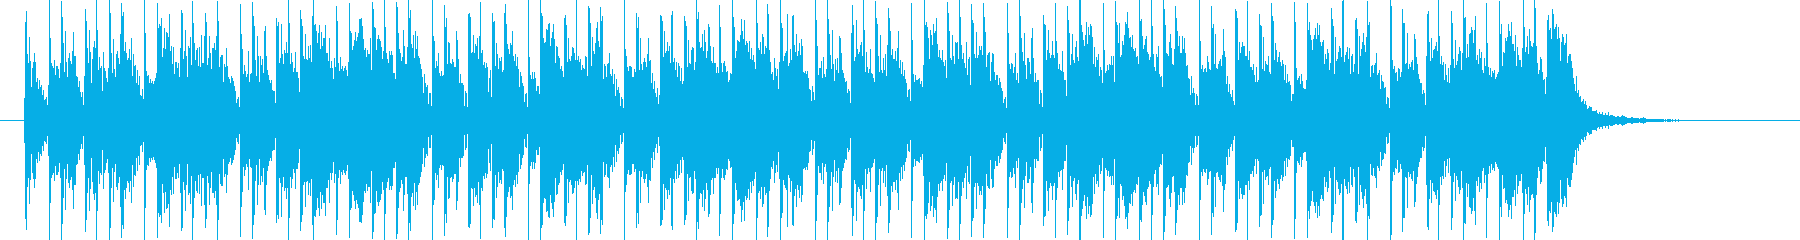 躍動感あるクールなビートシンセジングルの再生済みの波形